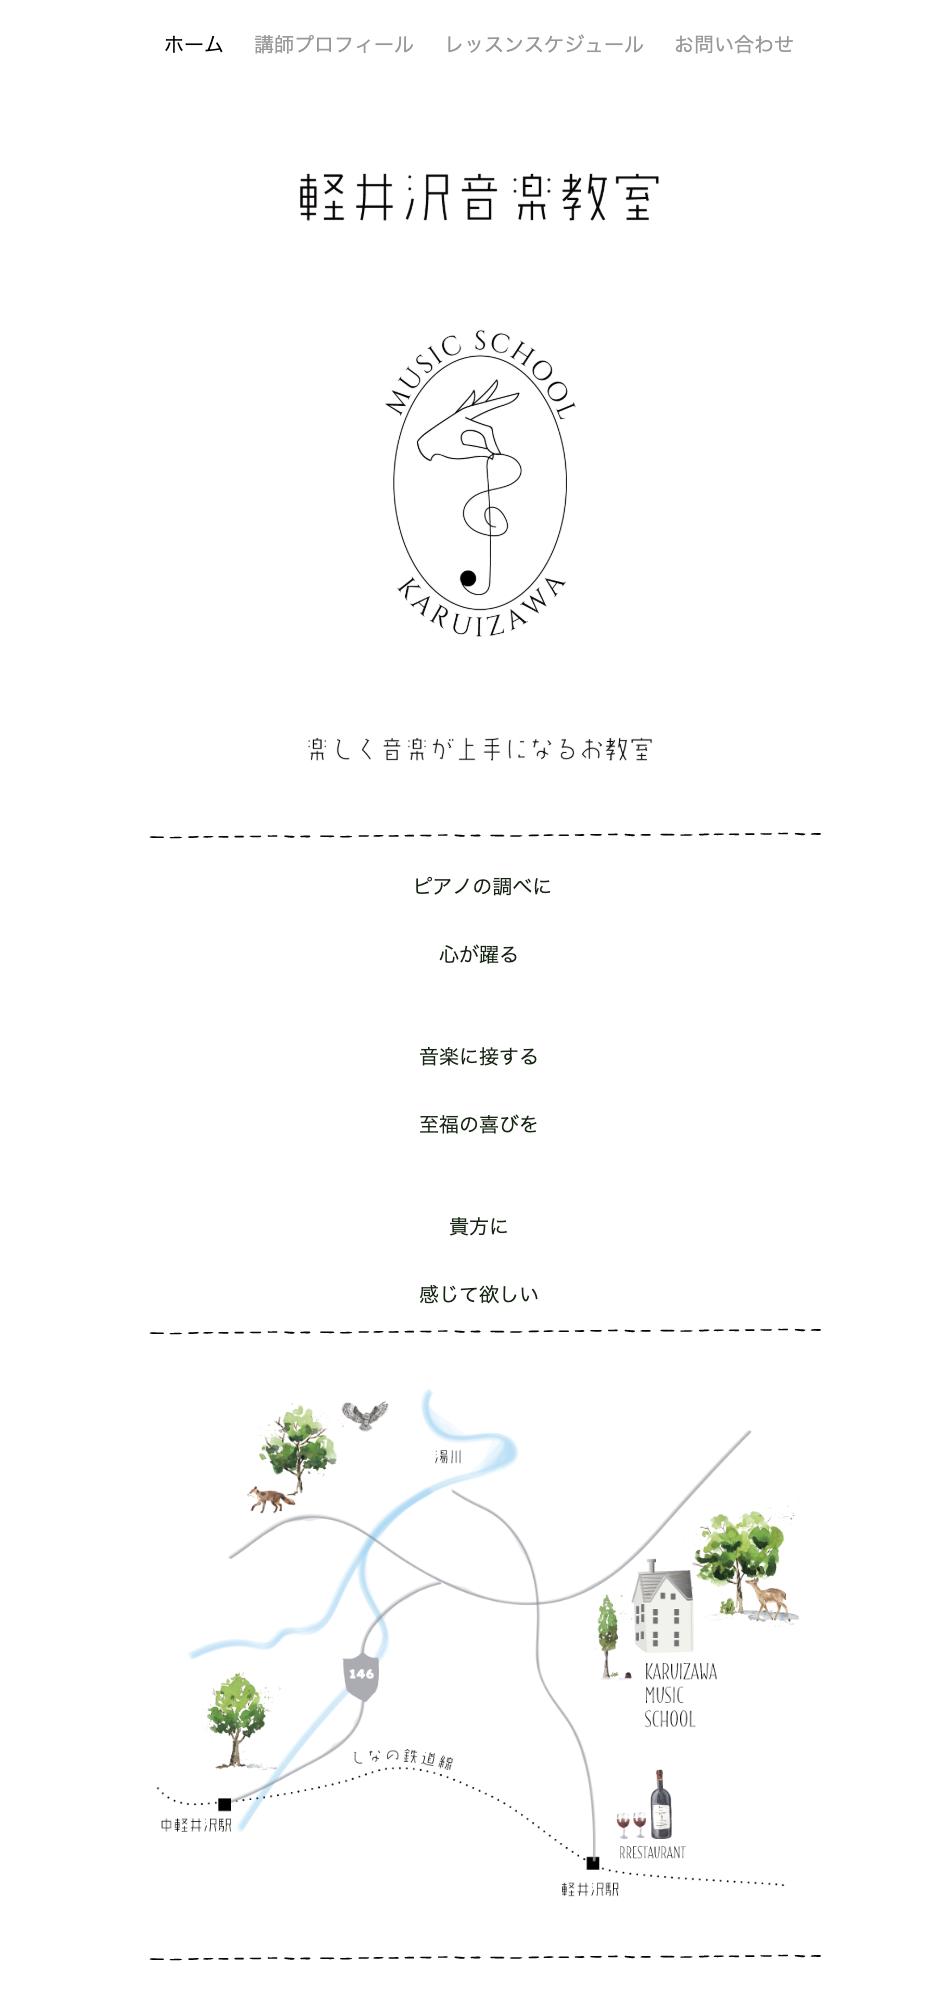 軽井沢音楽教室ホームページ